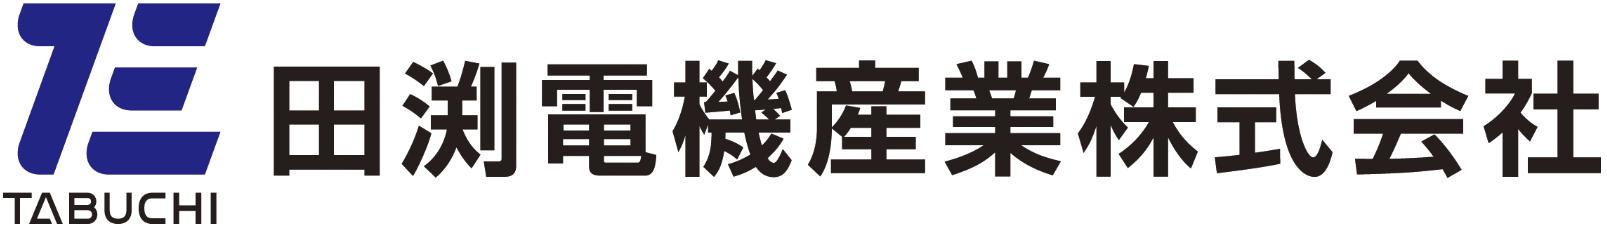 田渕電機産業株式会社